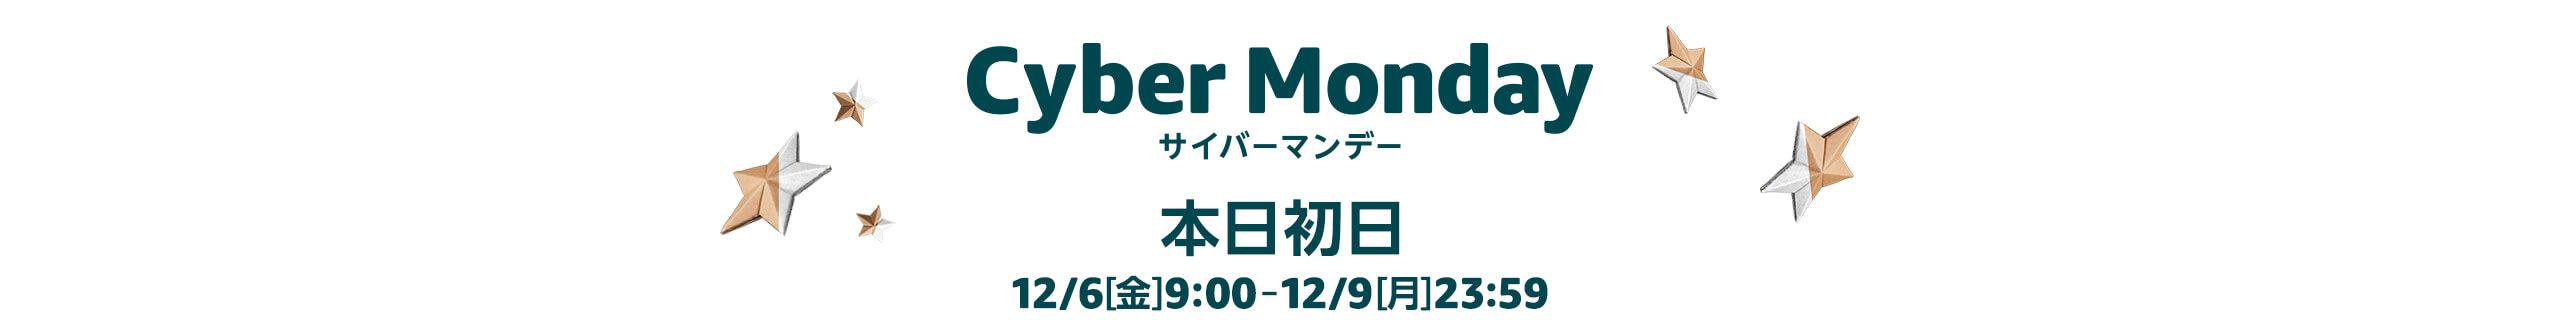 【Amazonサイバーマンデー2019】明日12/6から開催!安くて良い買い物をするポイントは?